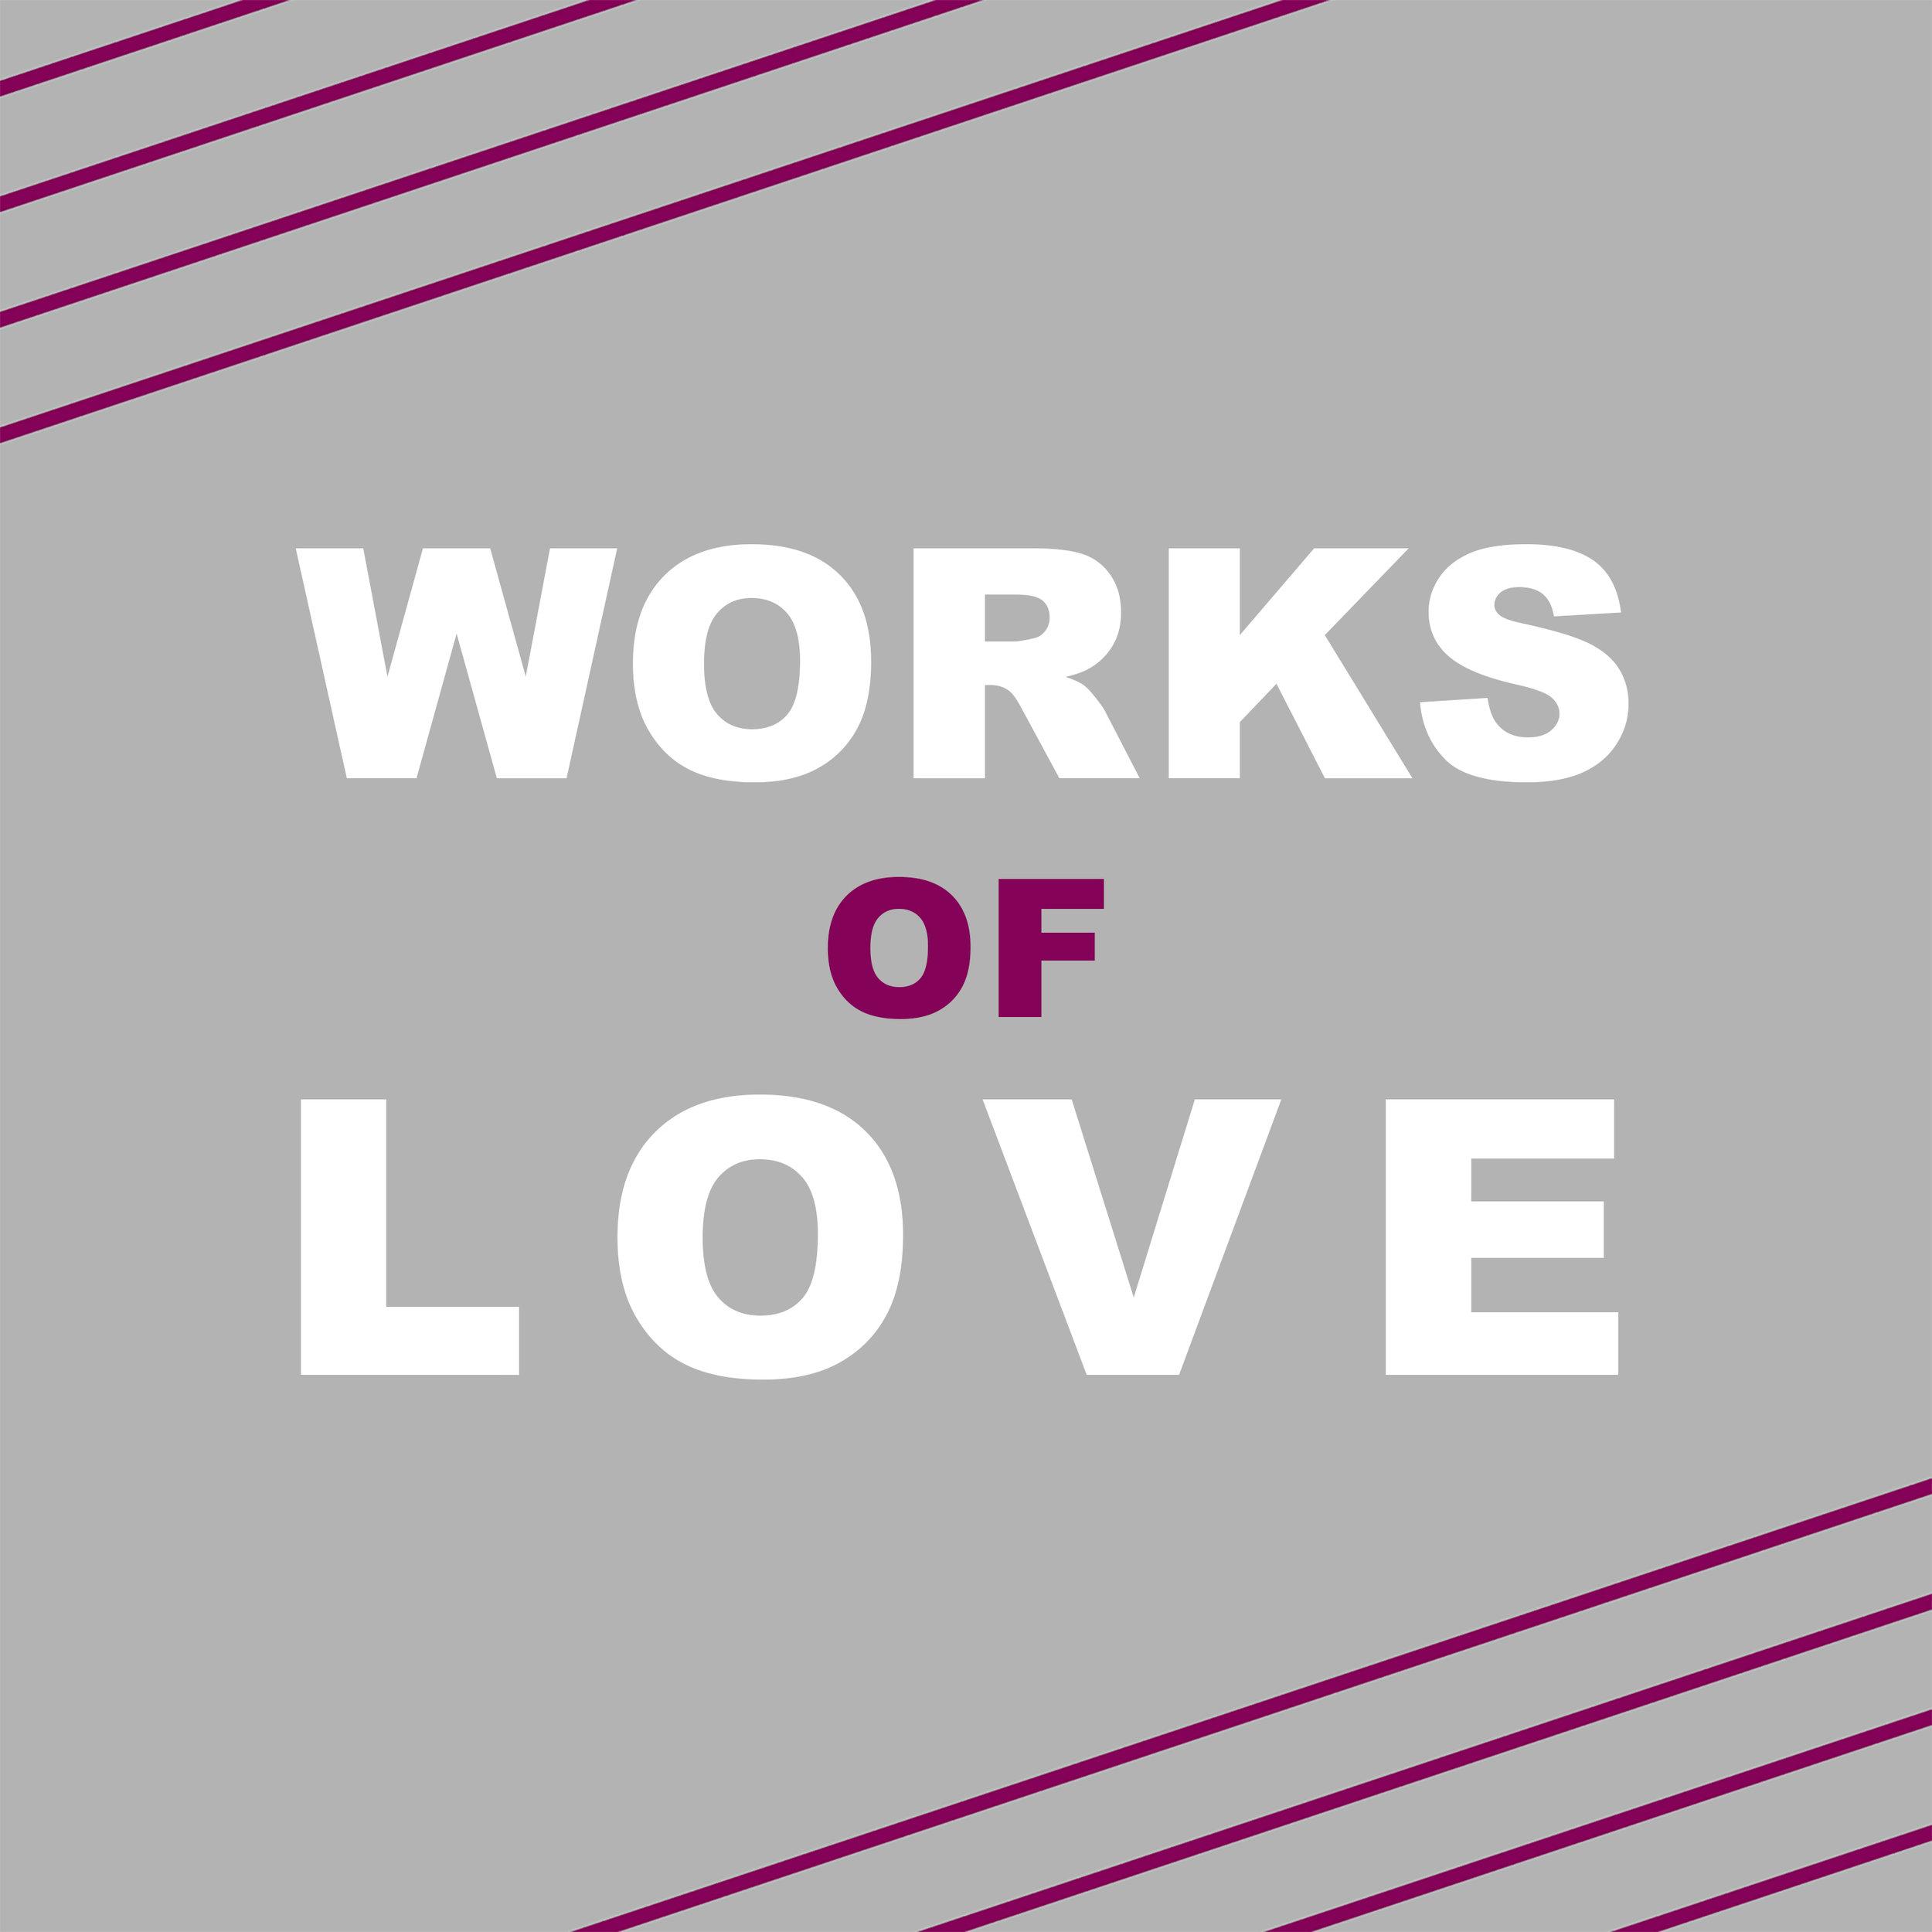 Works of Love.jpg